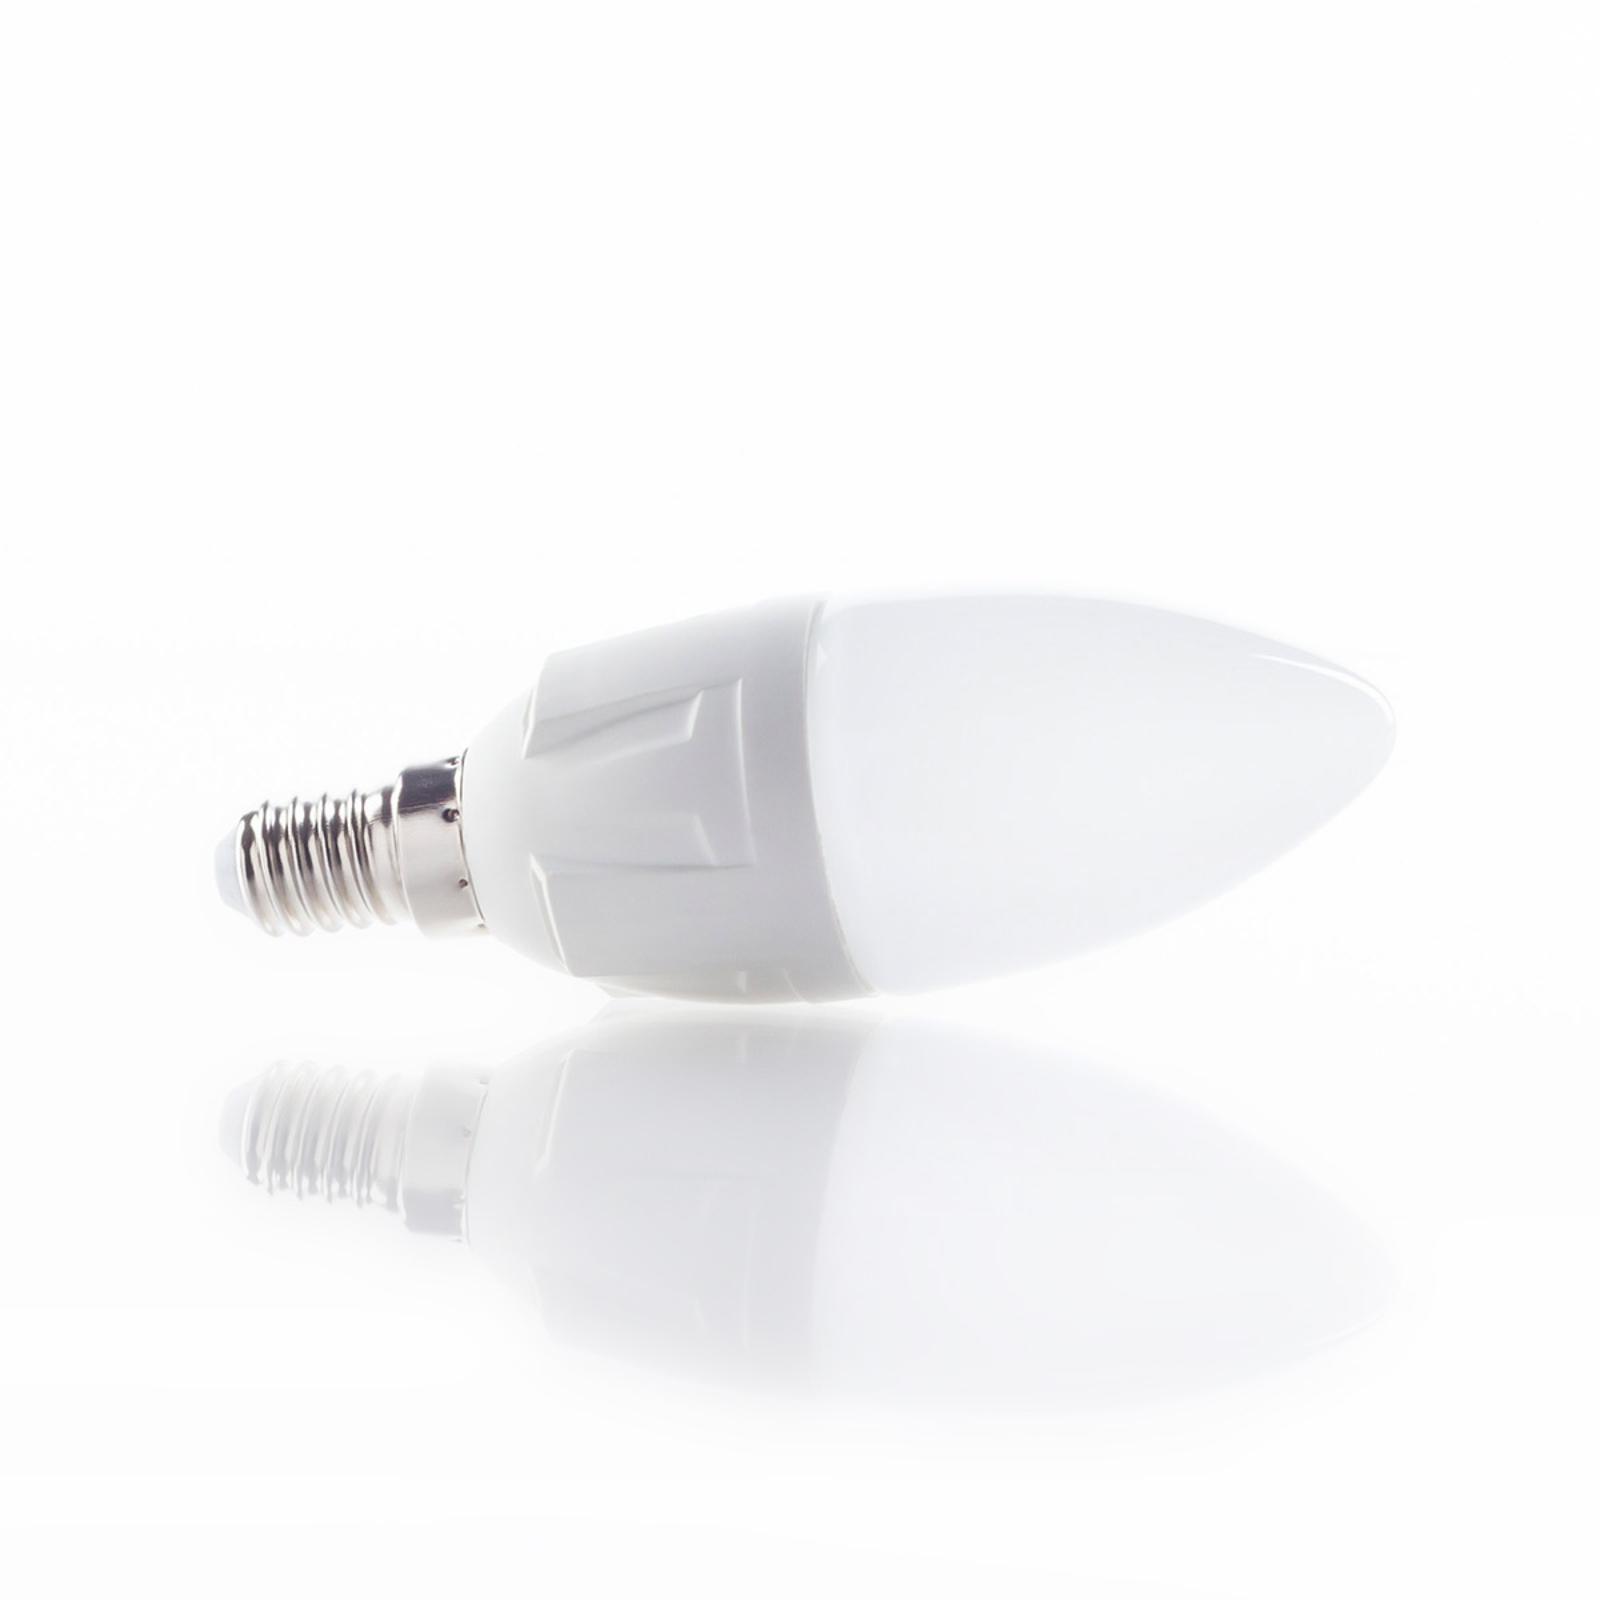 E14 4 W 830 LED-pære i kerteform, varmhvid